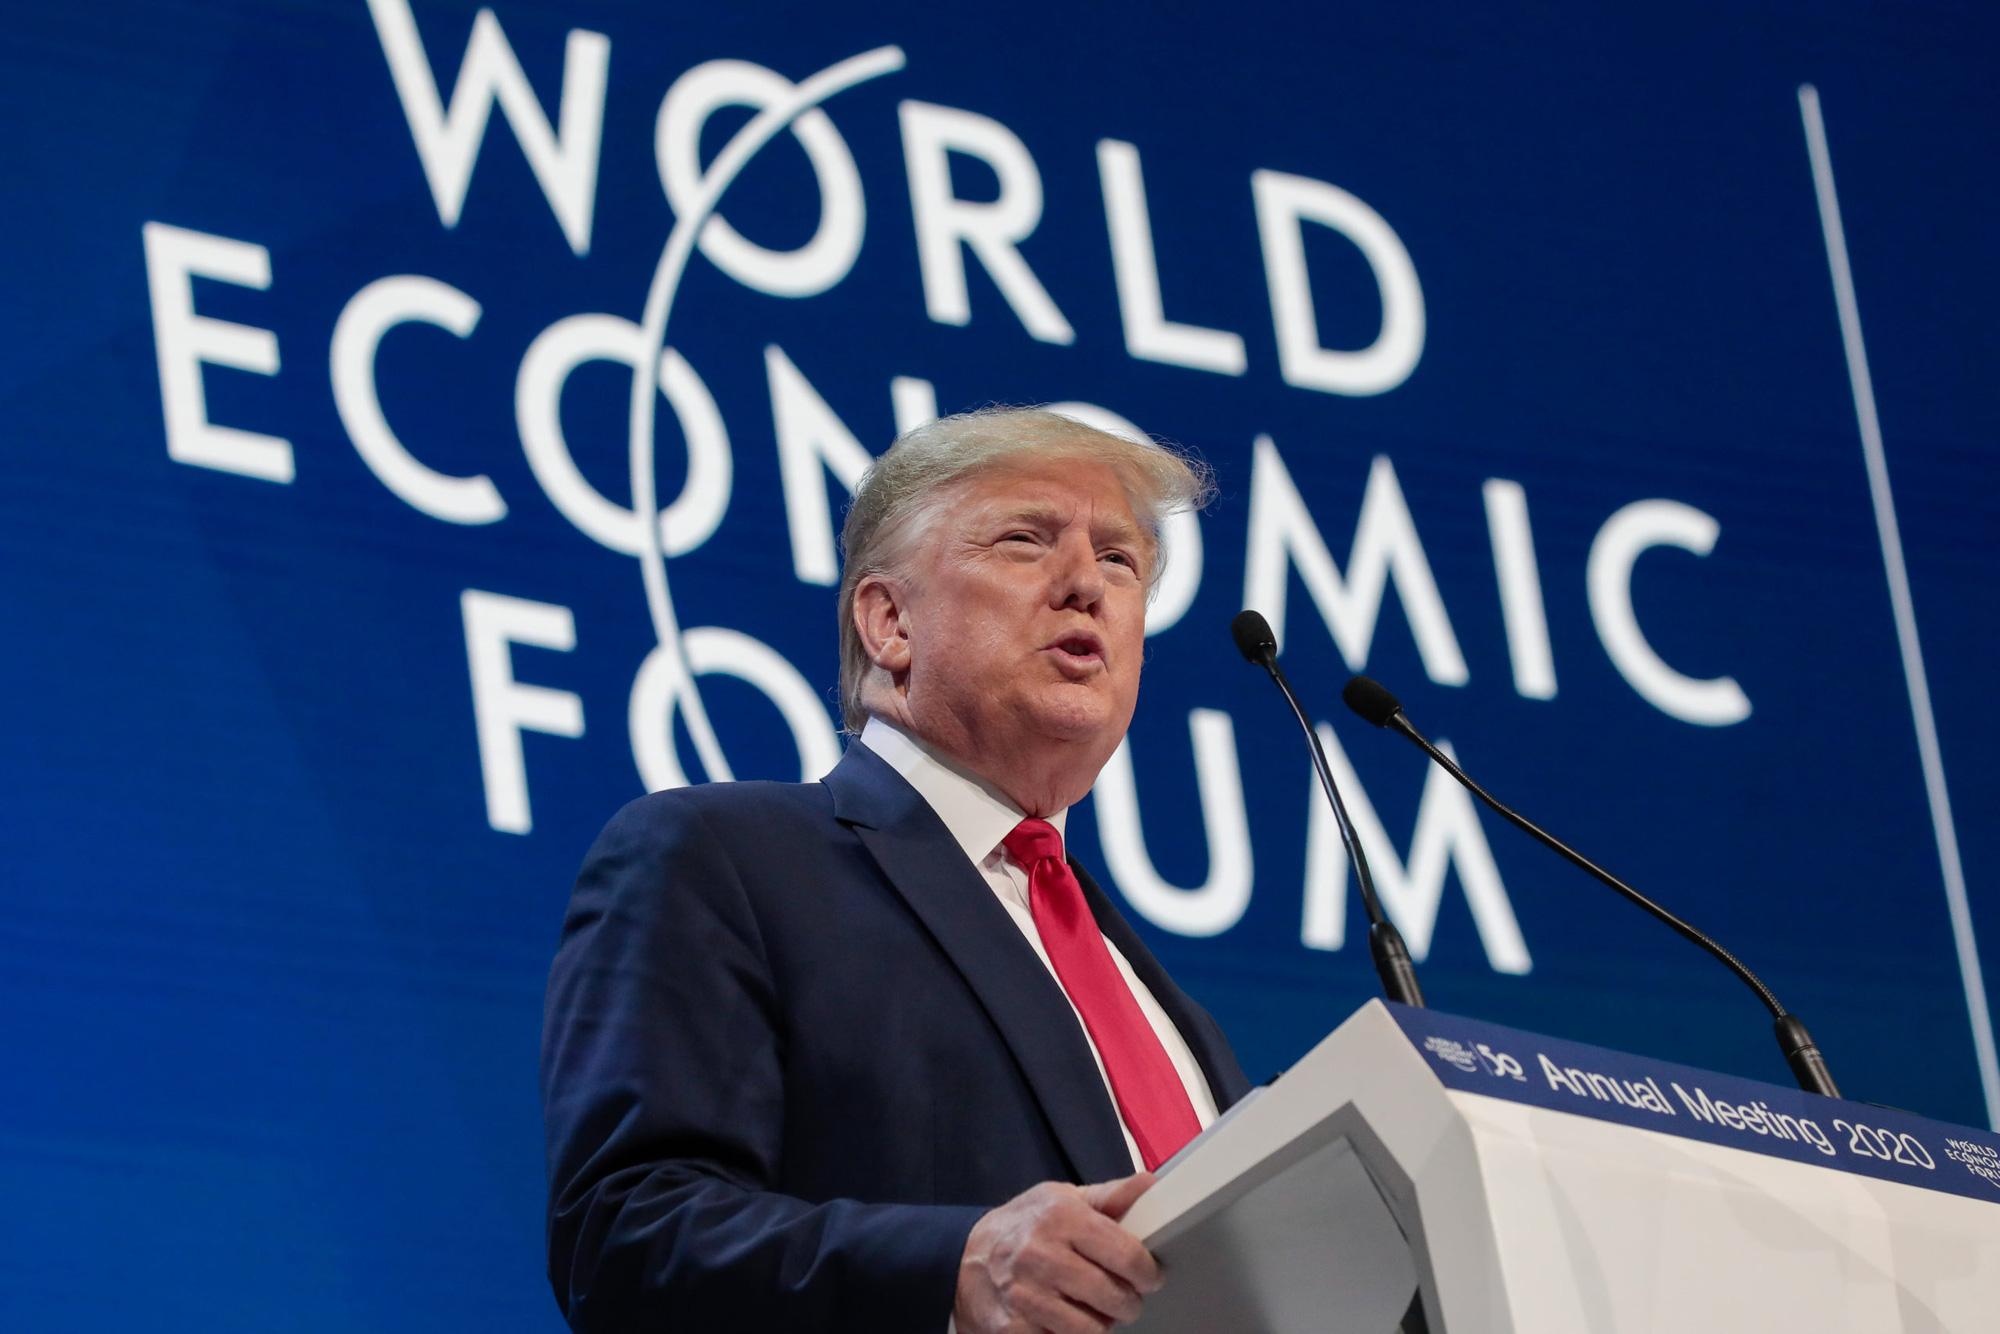 Tổng thống Trump: Sự thịnh vượng của Mỹ là không thể phủ nhận, vô tiền khoáng hậu và không thể so sánh - Ảnh 3.